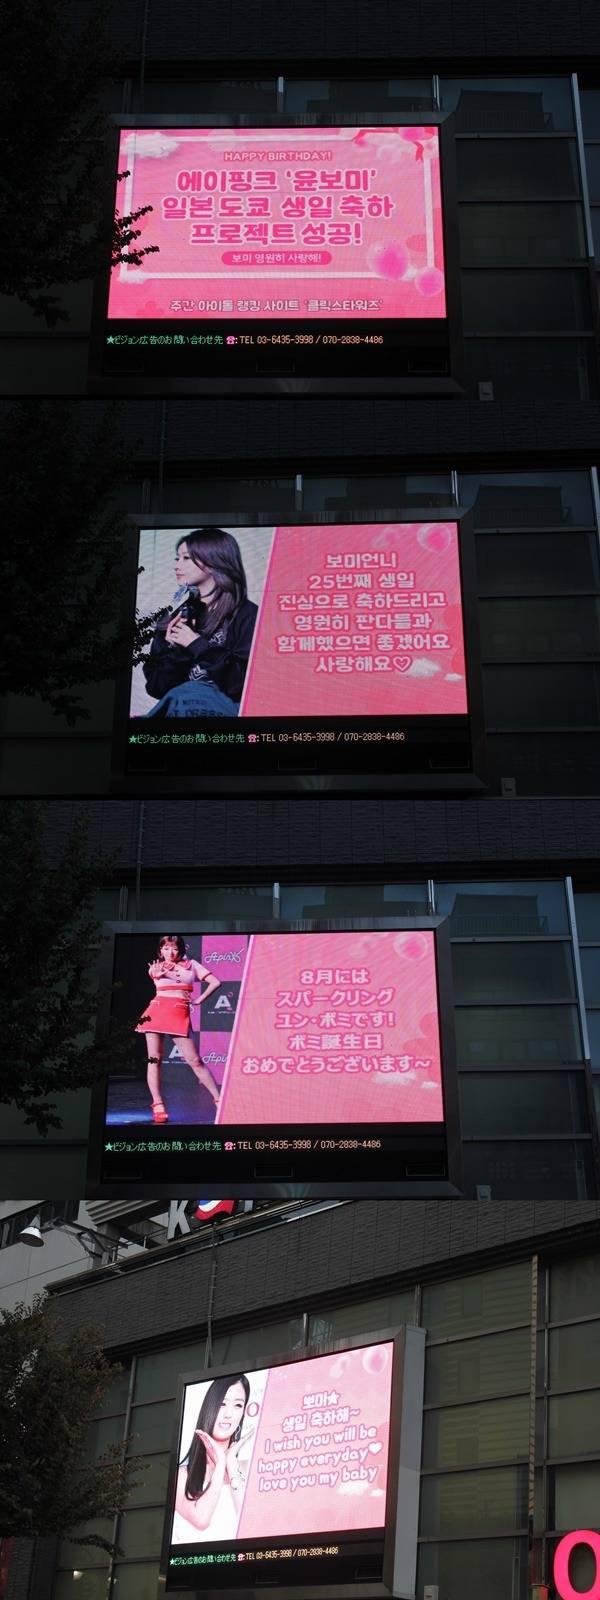 東京・新大久保電光掲示板で上映した動画の様子。|写真:Click! StarWars